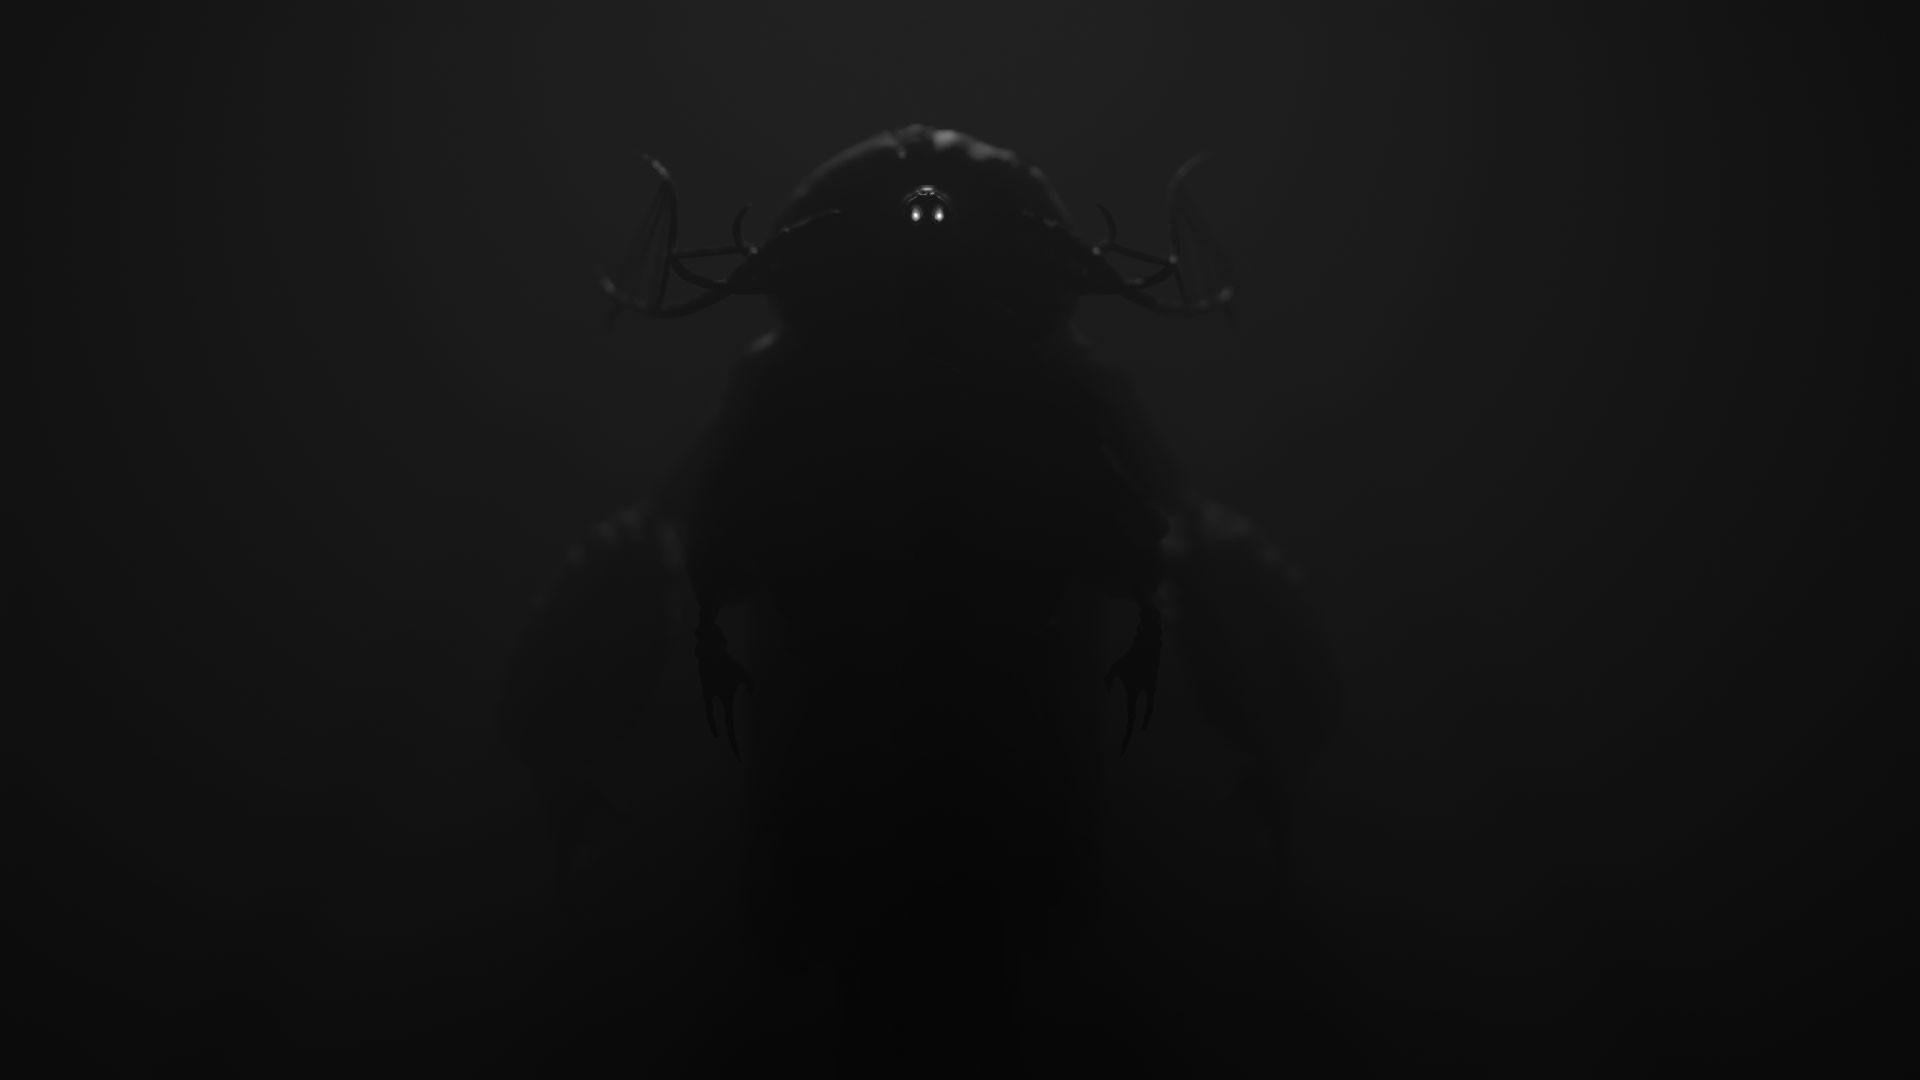 Odd Spirit atmospheric dark